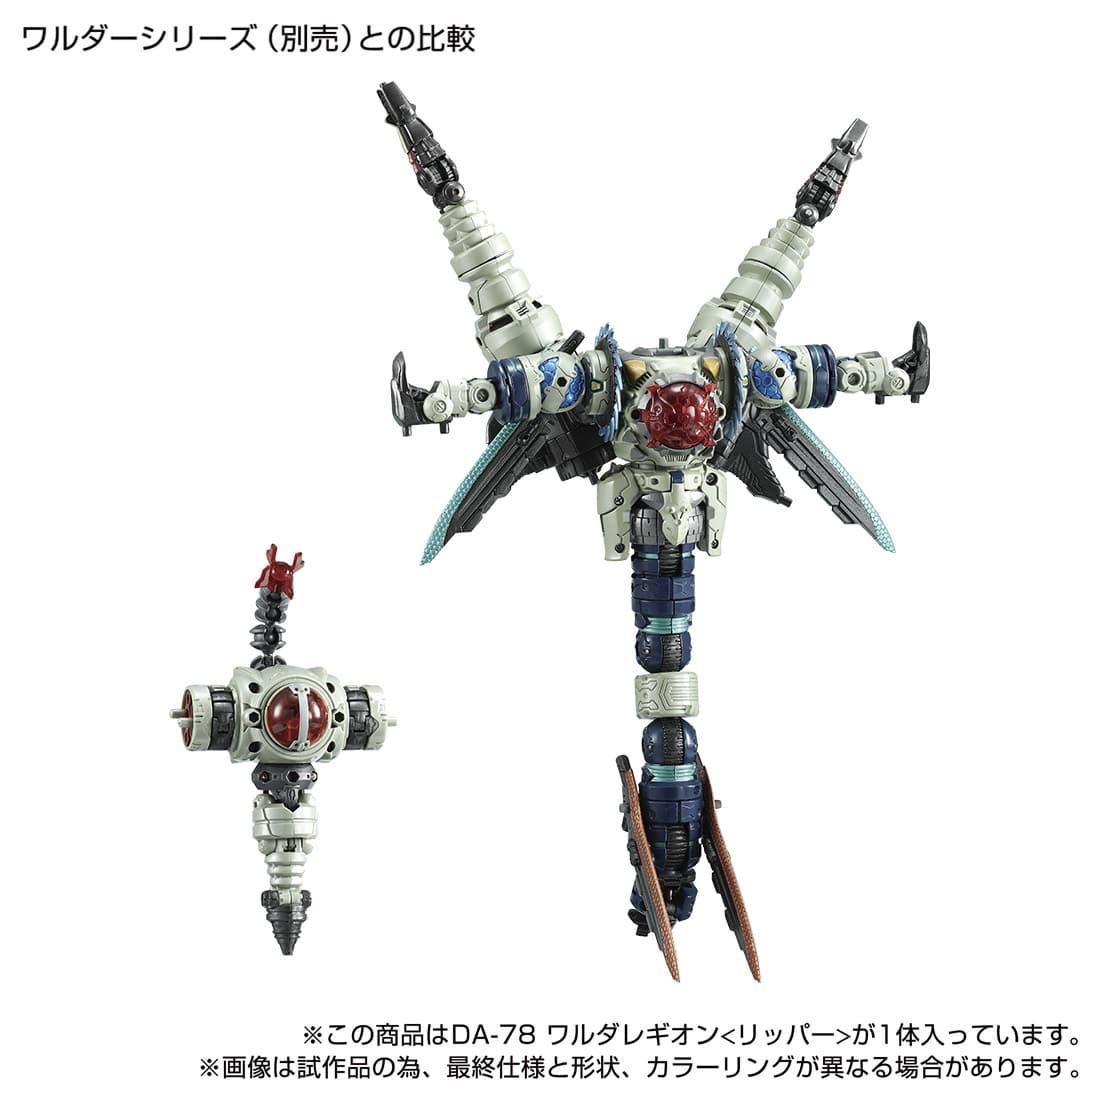 ダイアクロン『DA-78 ワルダレギオン〈リッパー〉』可変可動フィギュア-009